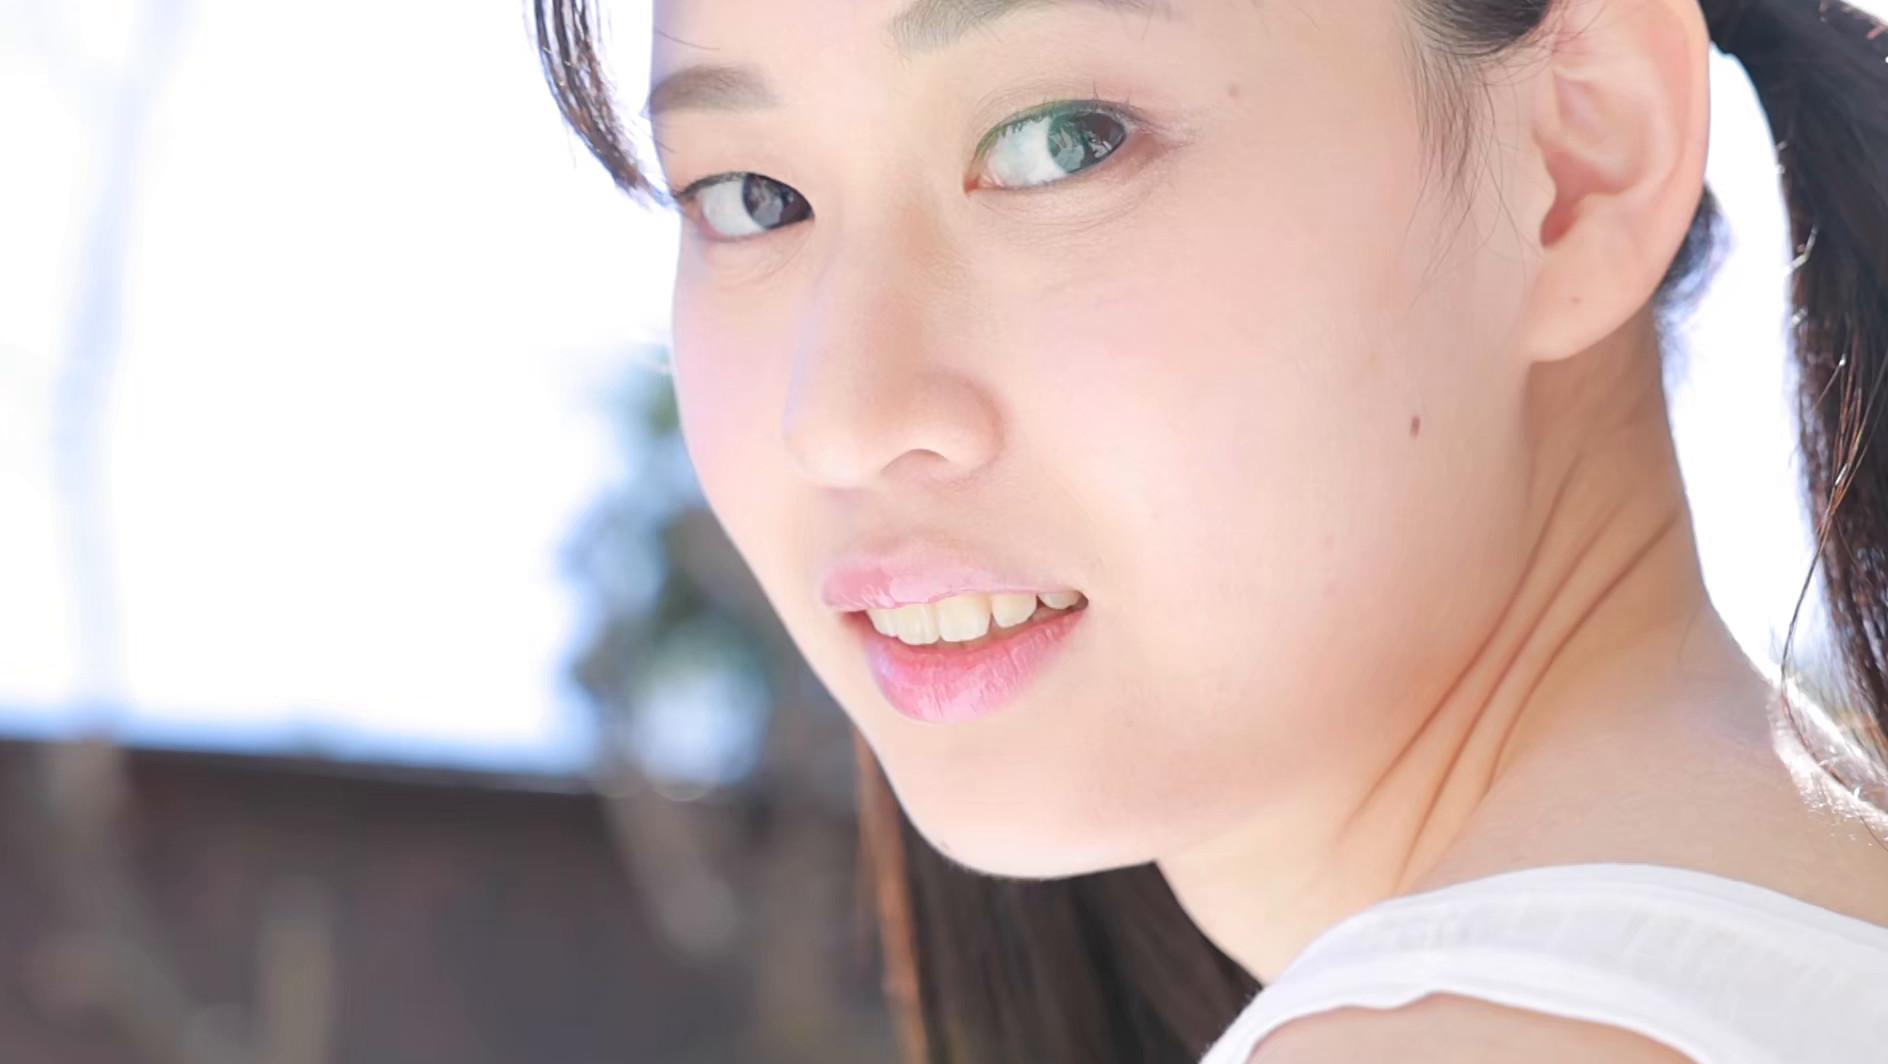 恋のスキャンダル 吉川瞳美 画像11